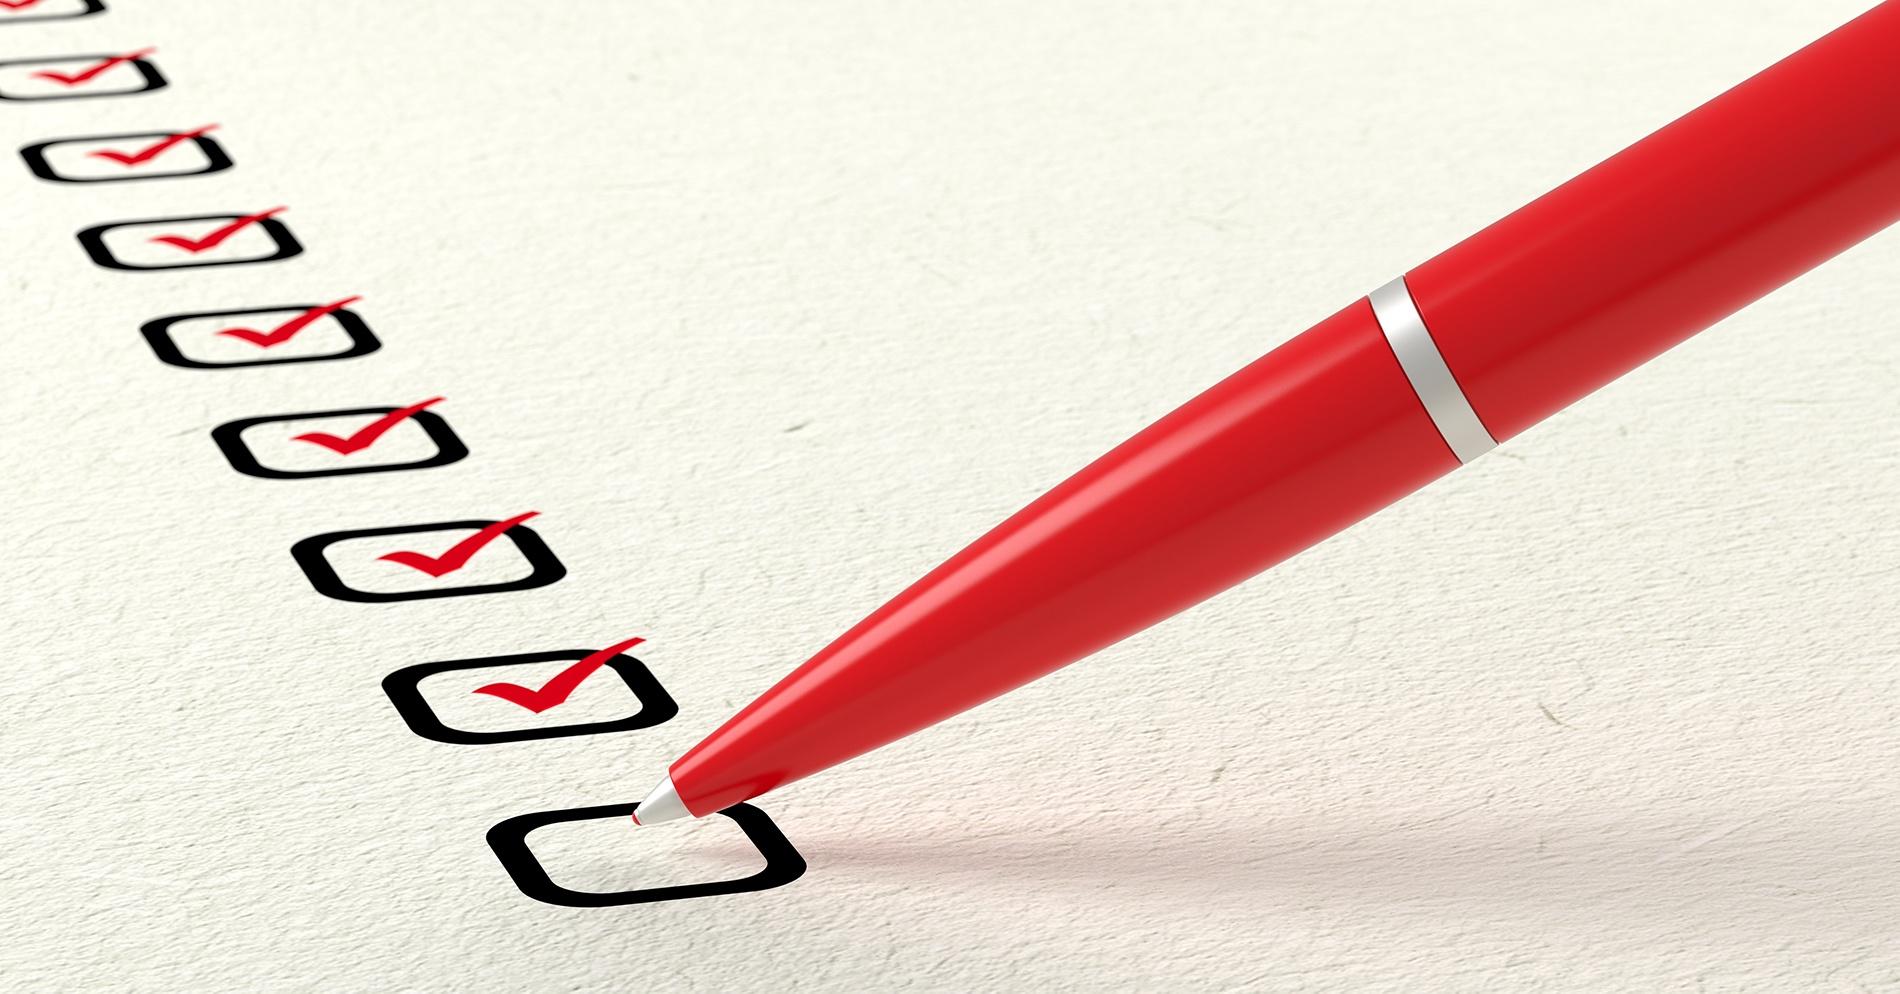 Penna och checklista